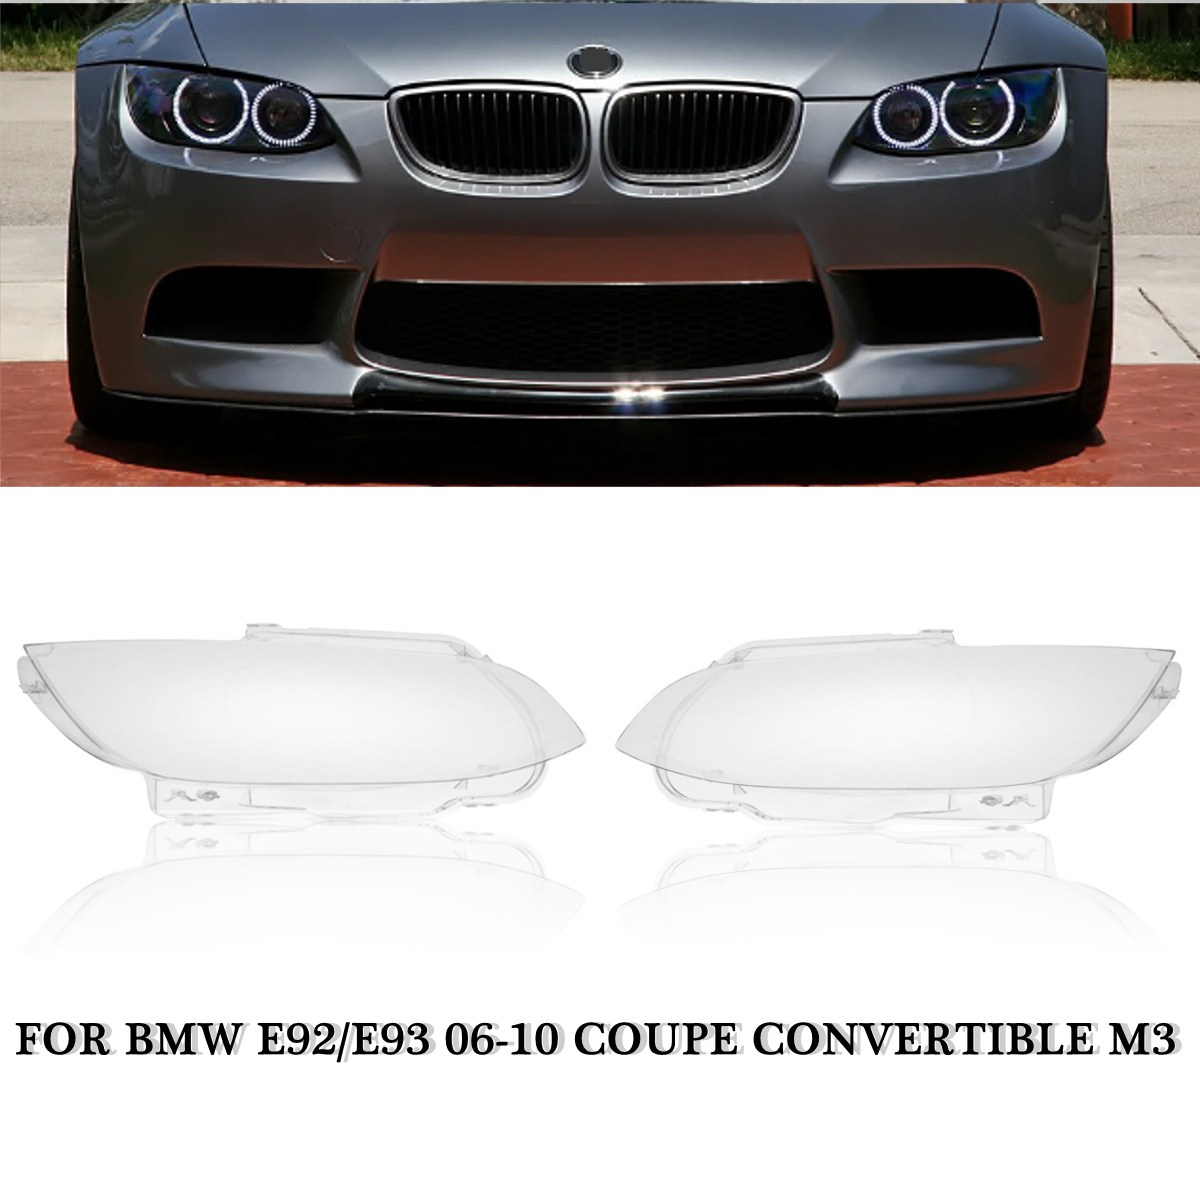 medium resolution of 1pc left right car headlight cover headlamp lens cover fit for bmw e92 e93 coupe m3 328i 335i cabrio 2006 2007 2008 2009 2010